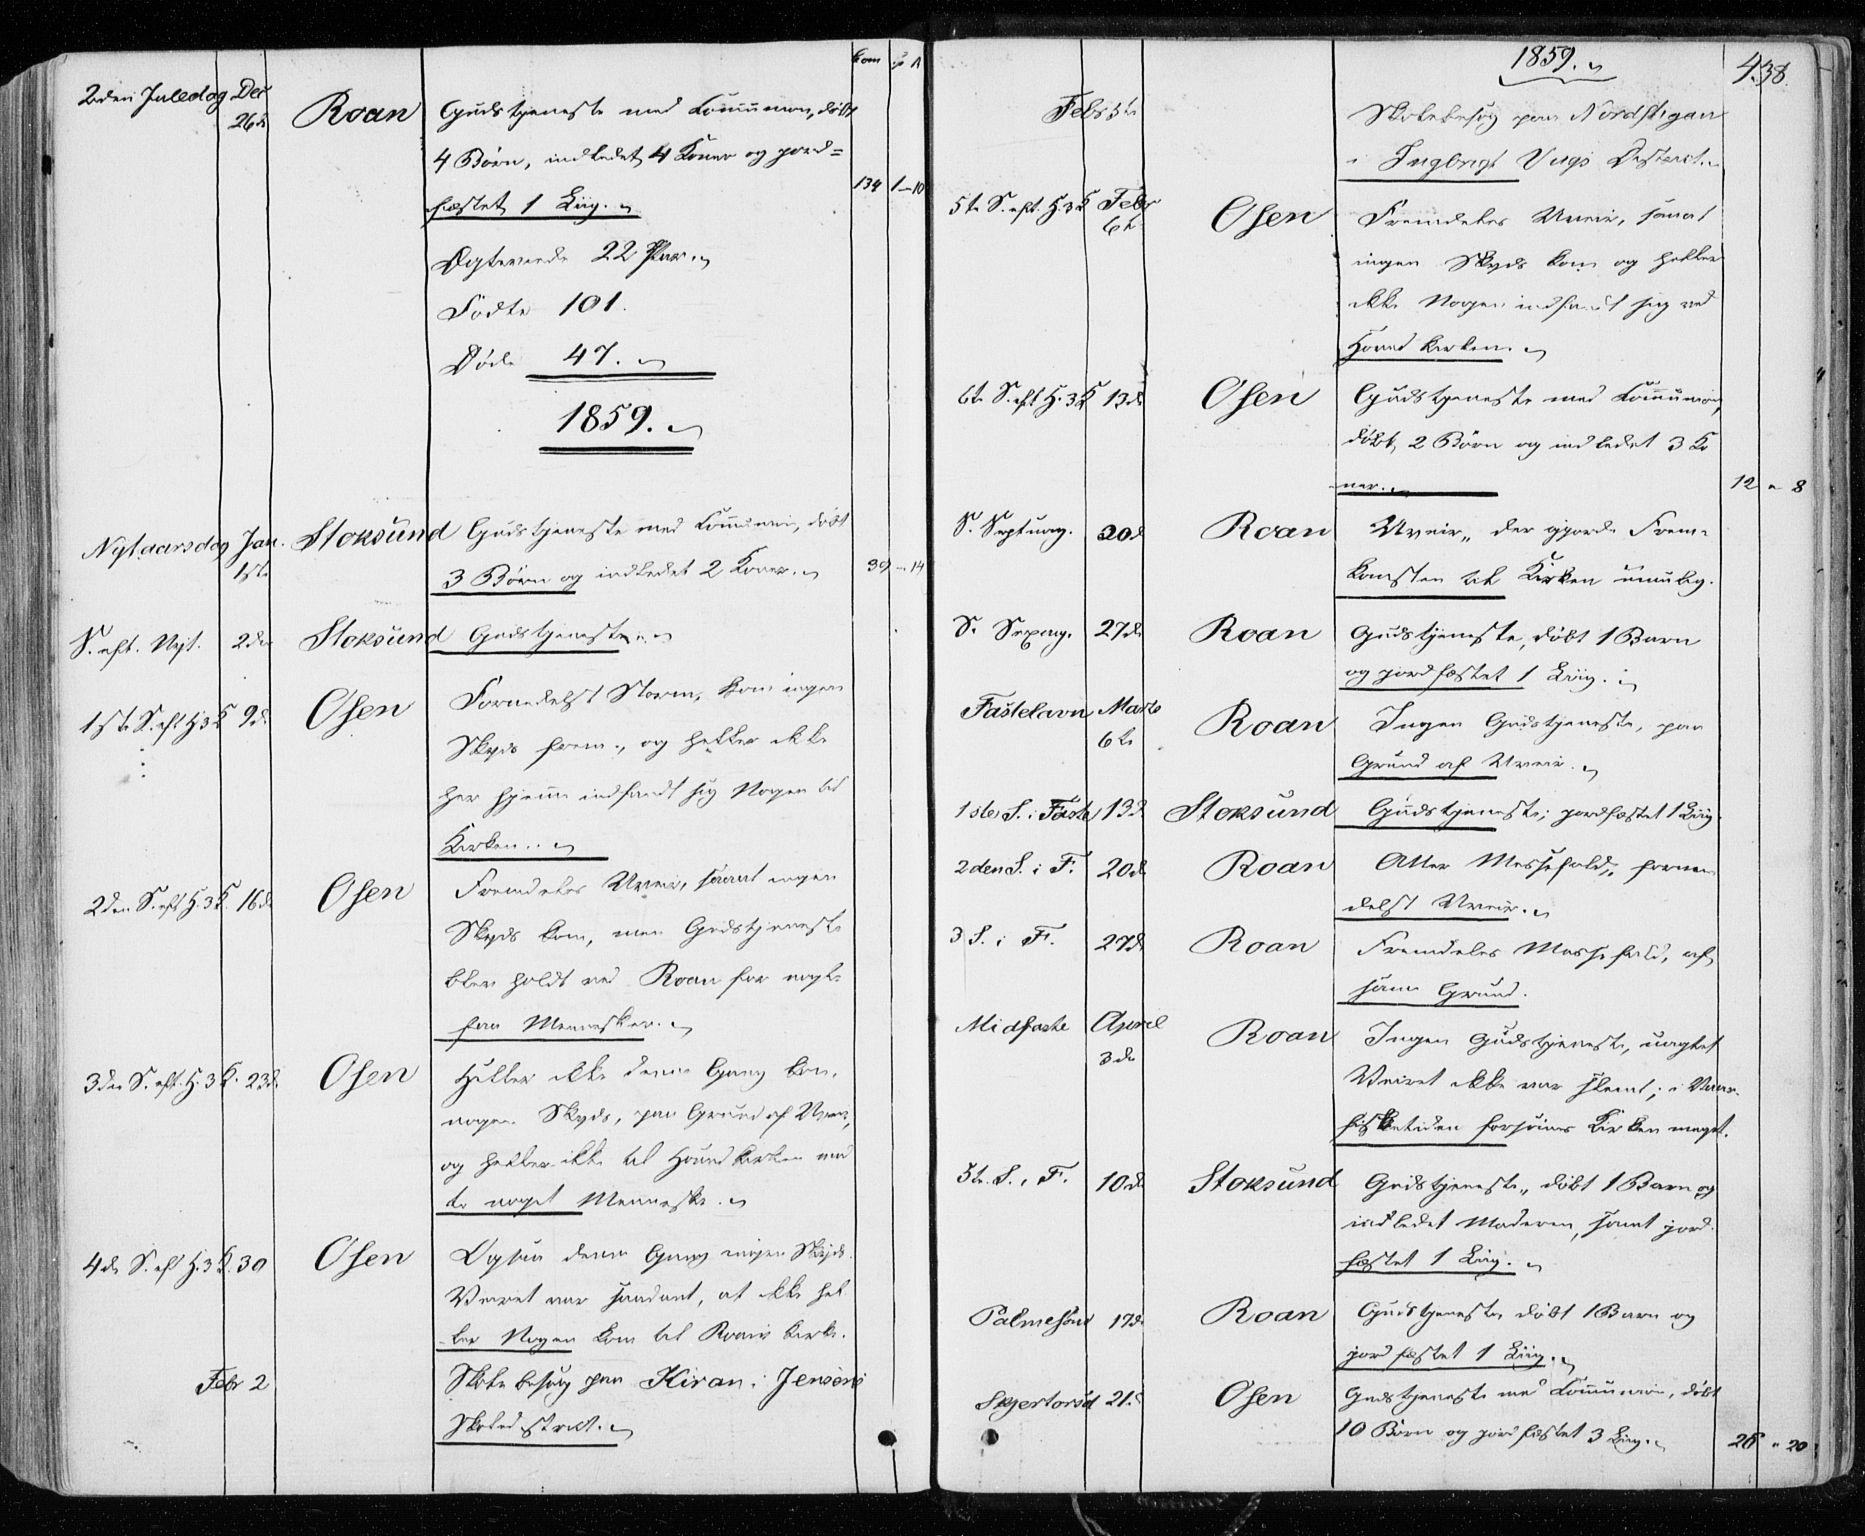 SAT, Ministerialprotokoller, klokkerbøker og fødselsregistre - Sør-Trøndelag, 657/L0705: Ministerialbok nr. 657A06, 1858-1867, s. 438